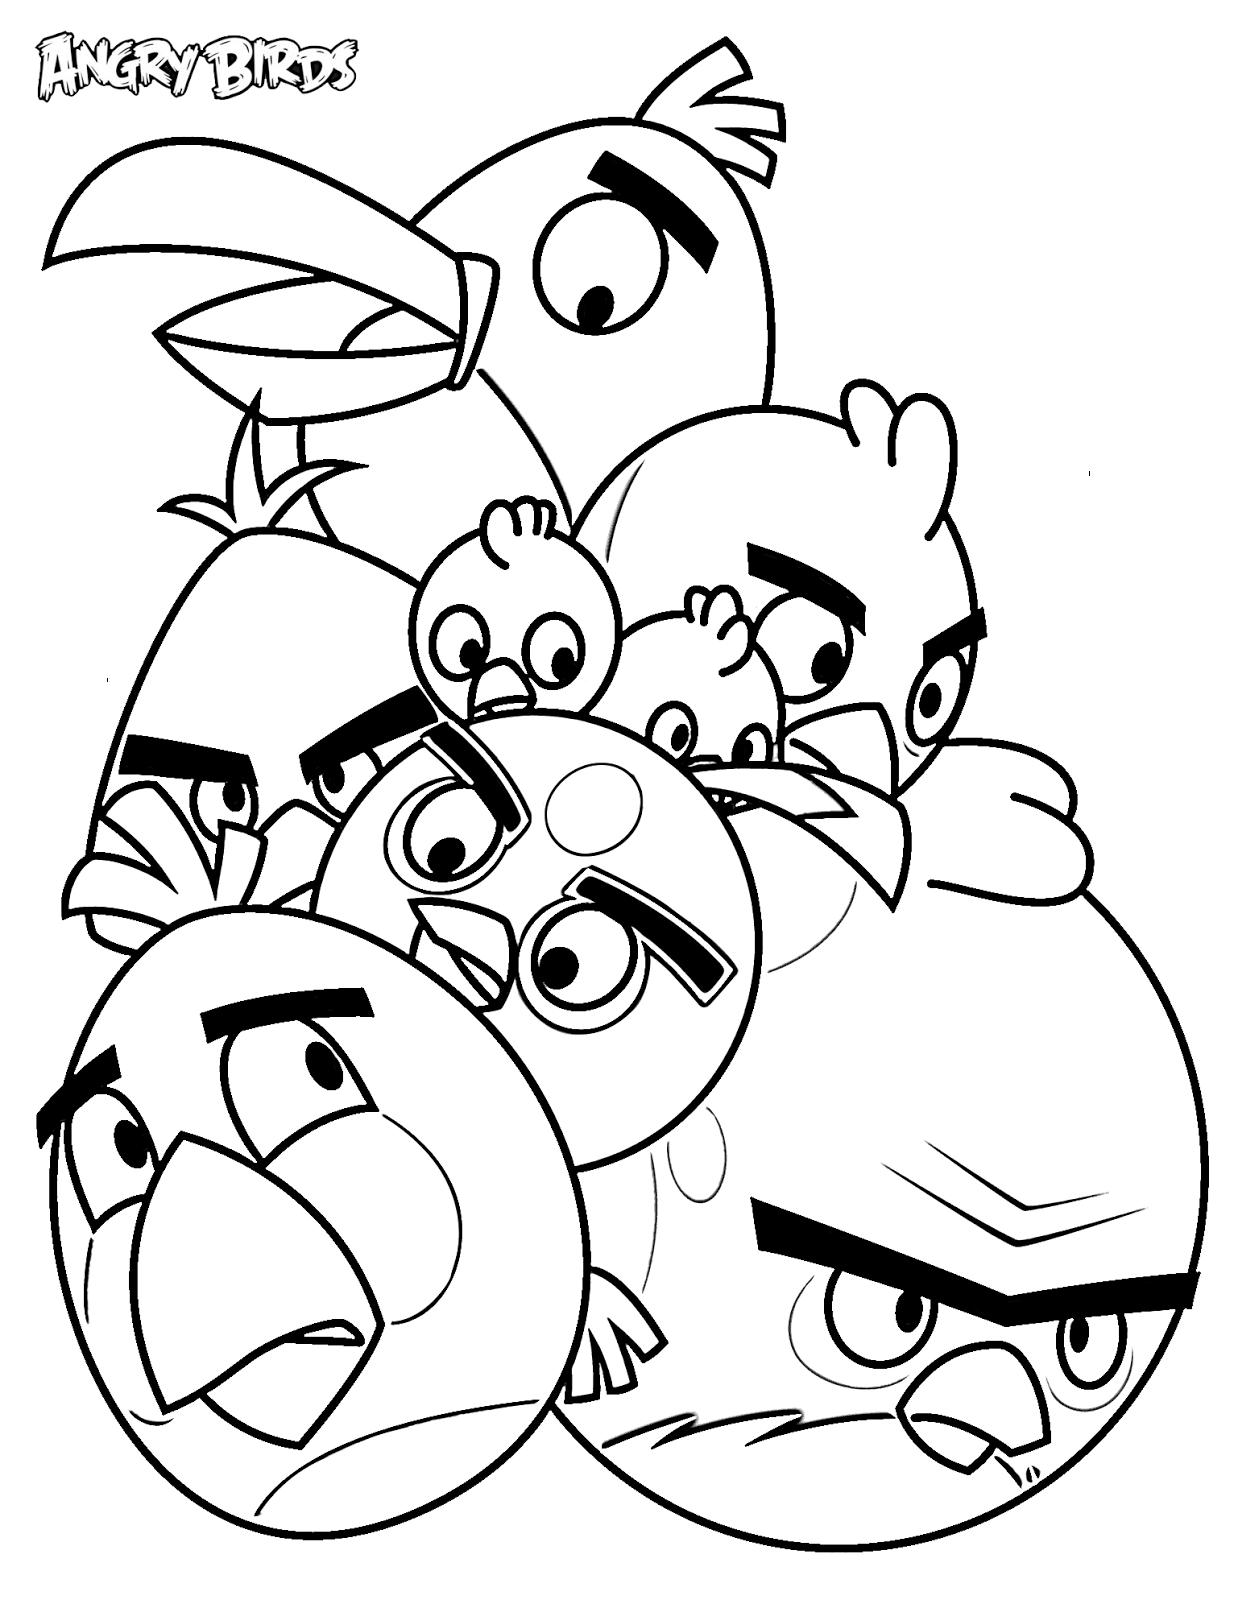 Dibujos Para Colorear De Angry Birds Todos Los Pájaros De Pequeños